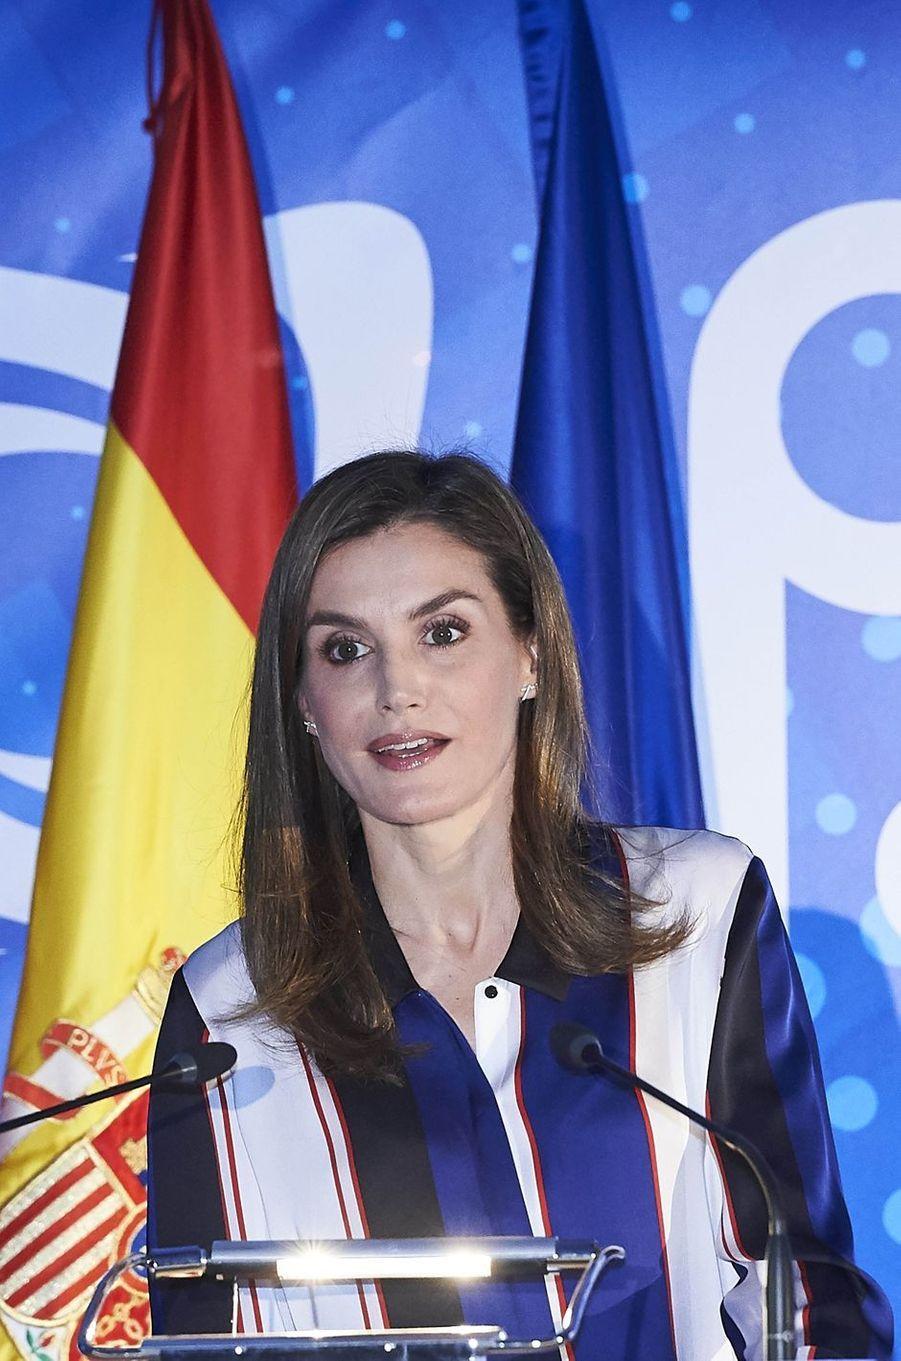 La reine Letizia d'Espagne à la tribune, à Madrid le 26 juin 2017